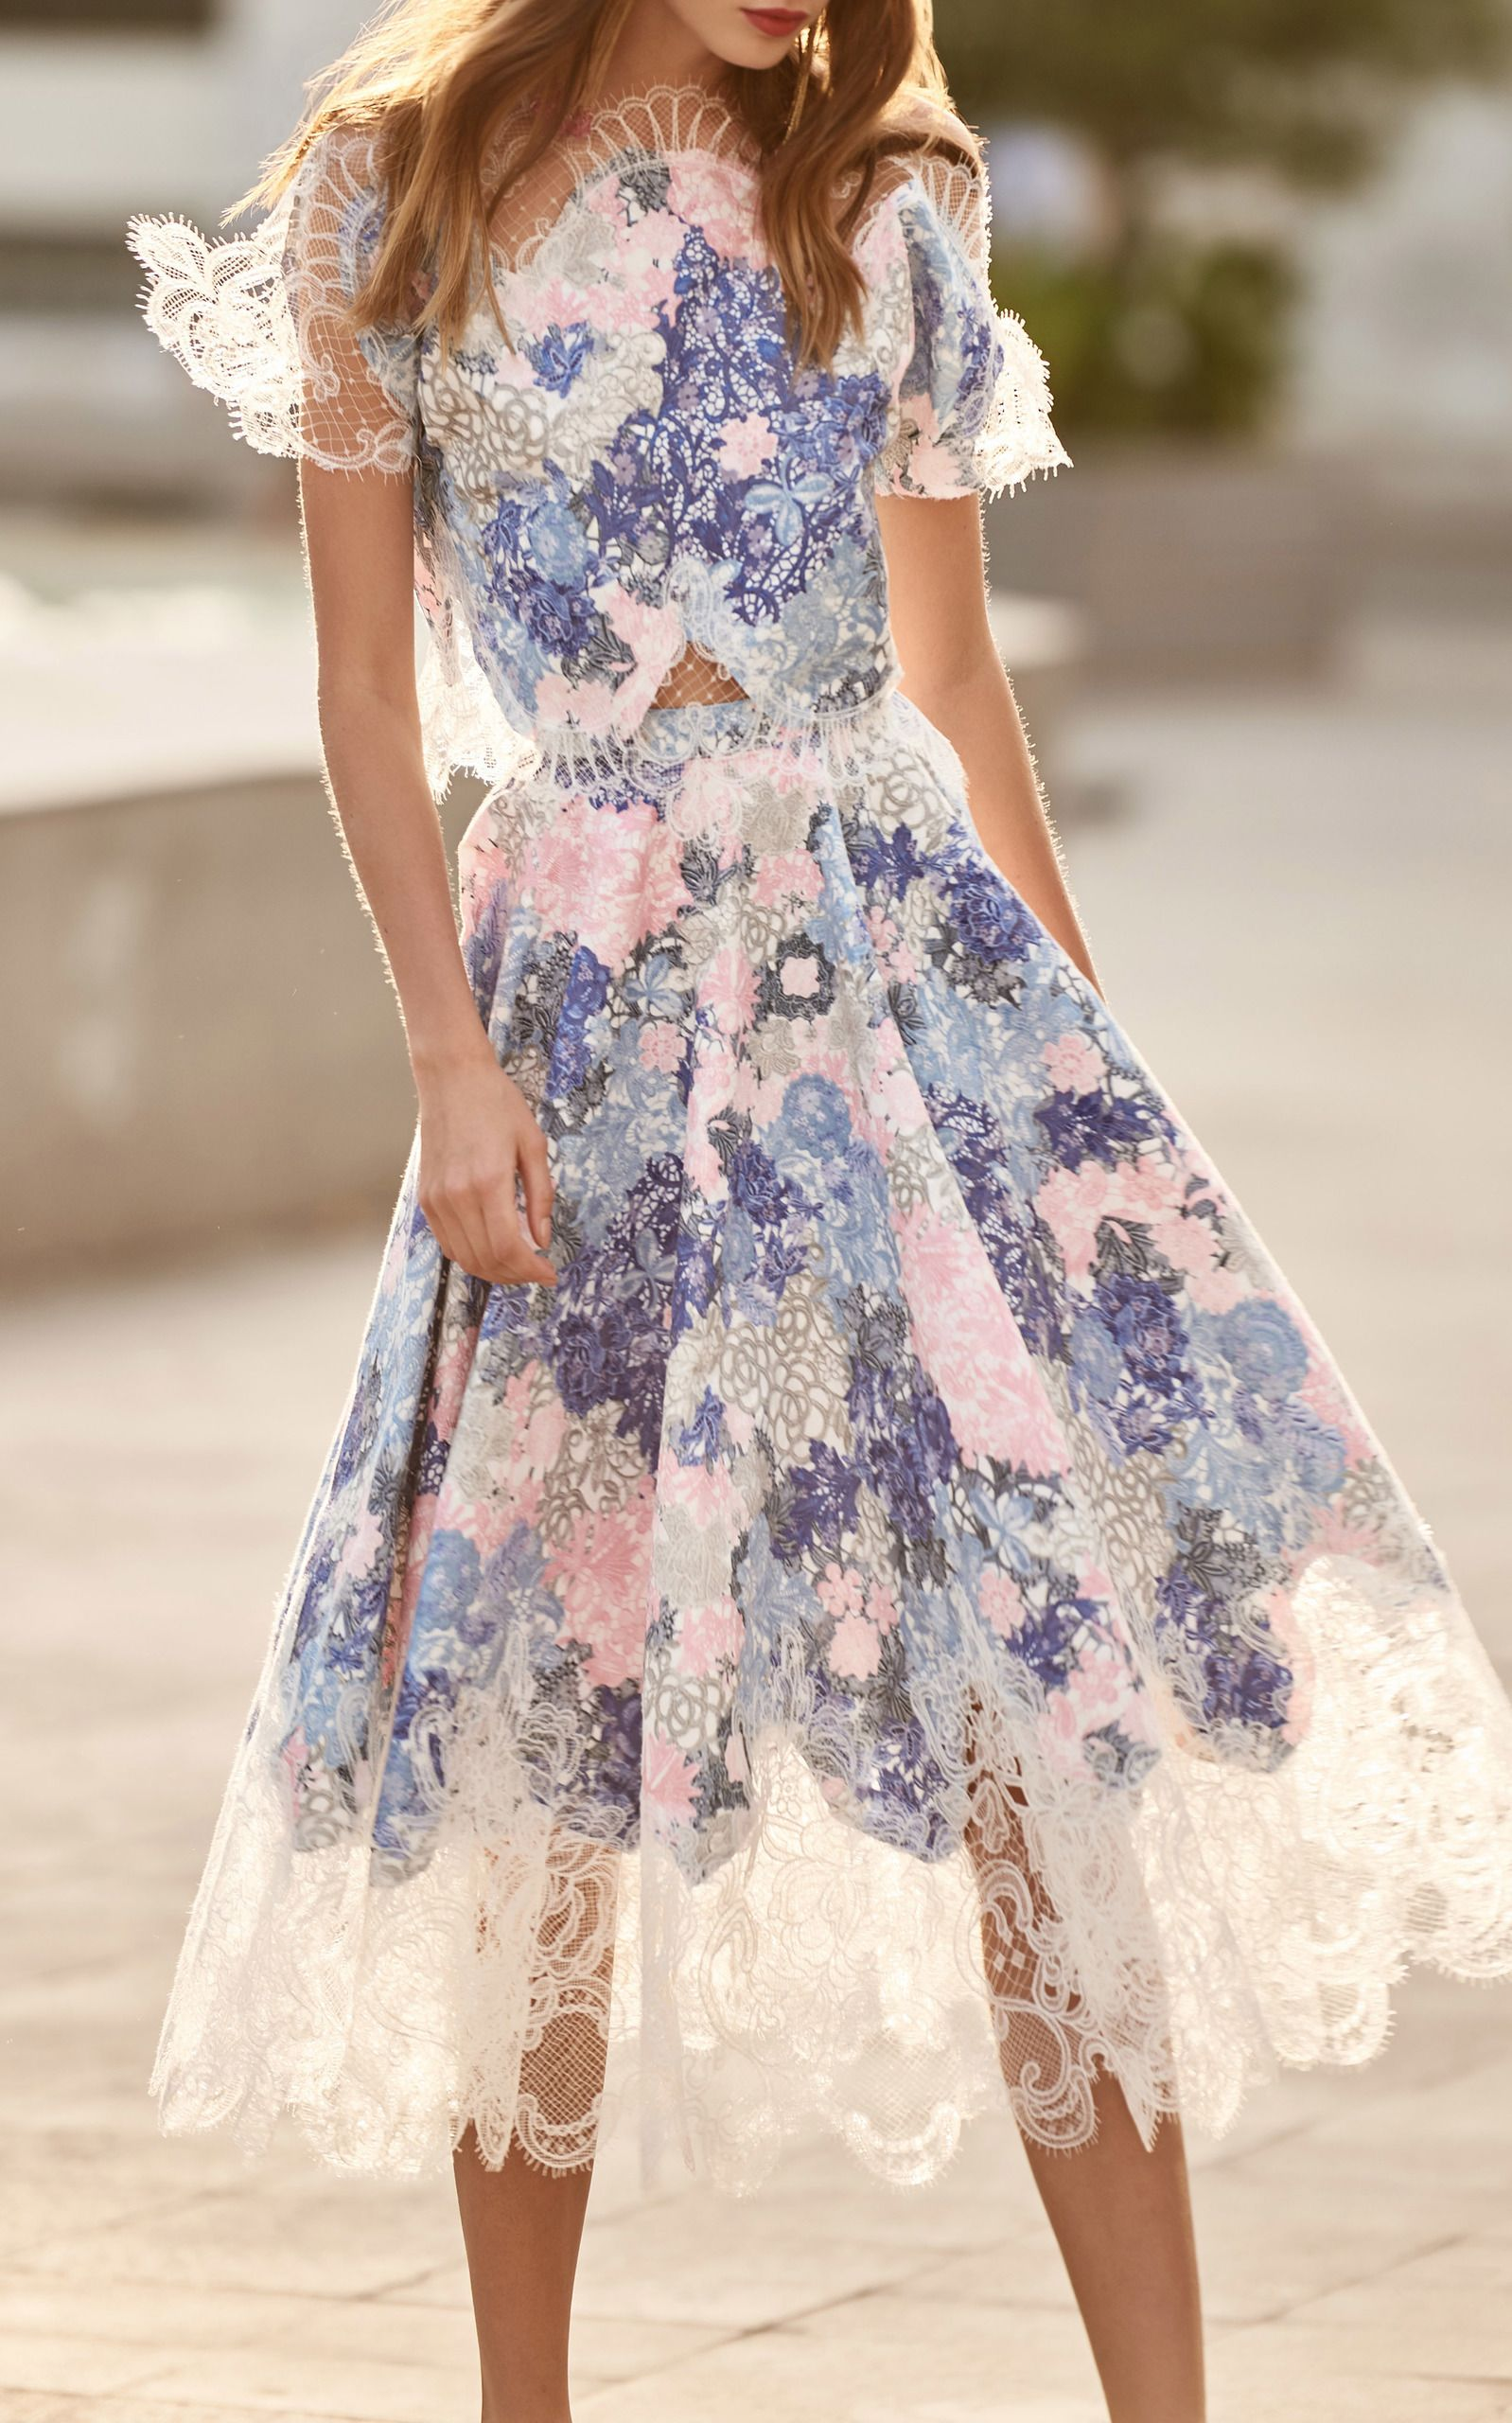 Mesh knee umbrella skirt in cute dresses pinterest skirts